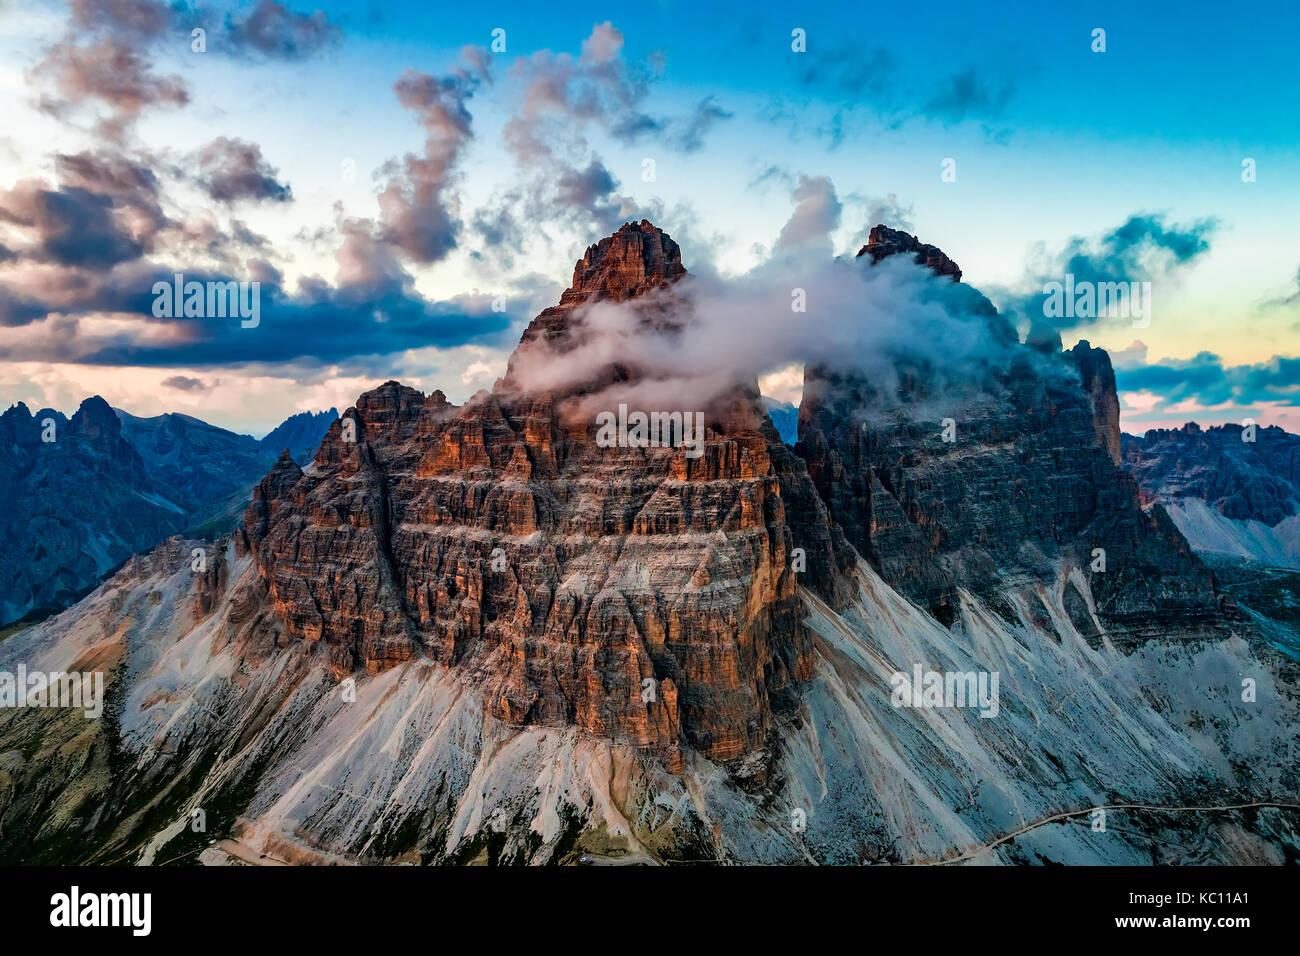 Parque Natural Nacional Tre cime en los Dolomitas Alpes. la hermosa naturaleza de Italia. Imagen De Stock